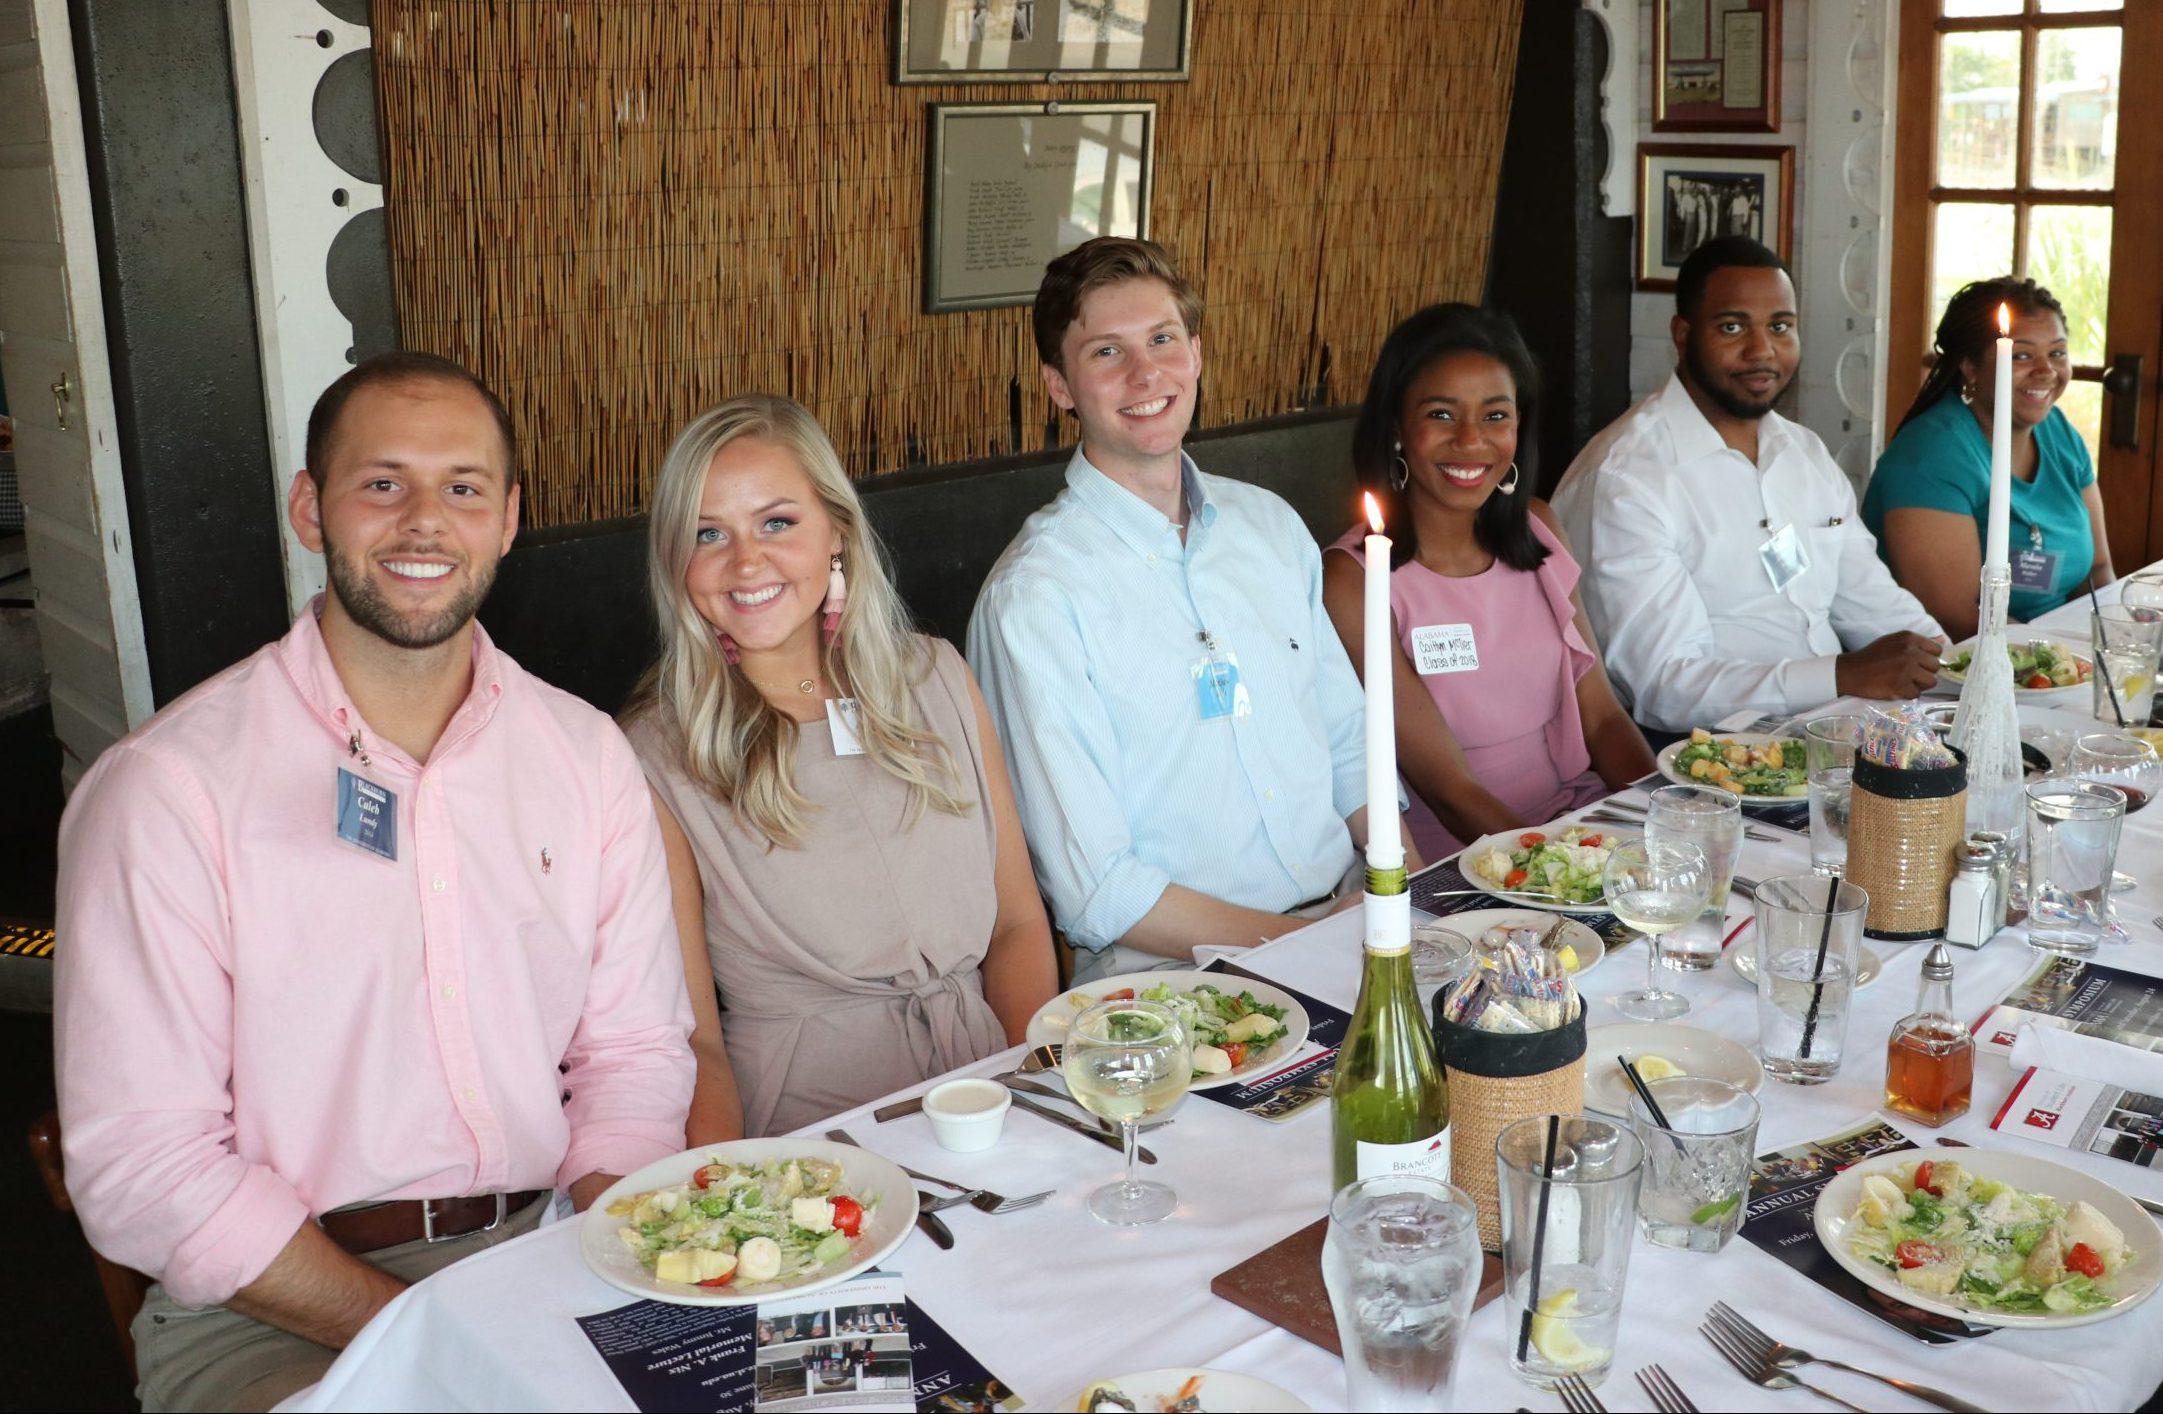 Blackburn members connecting over dinner